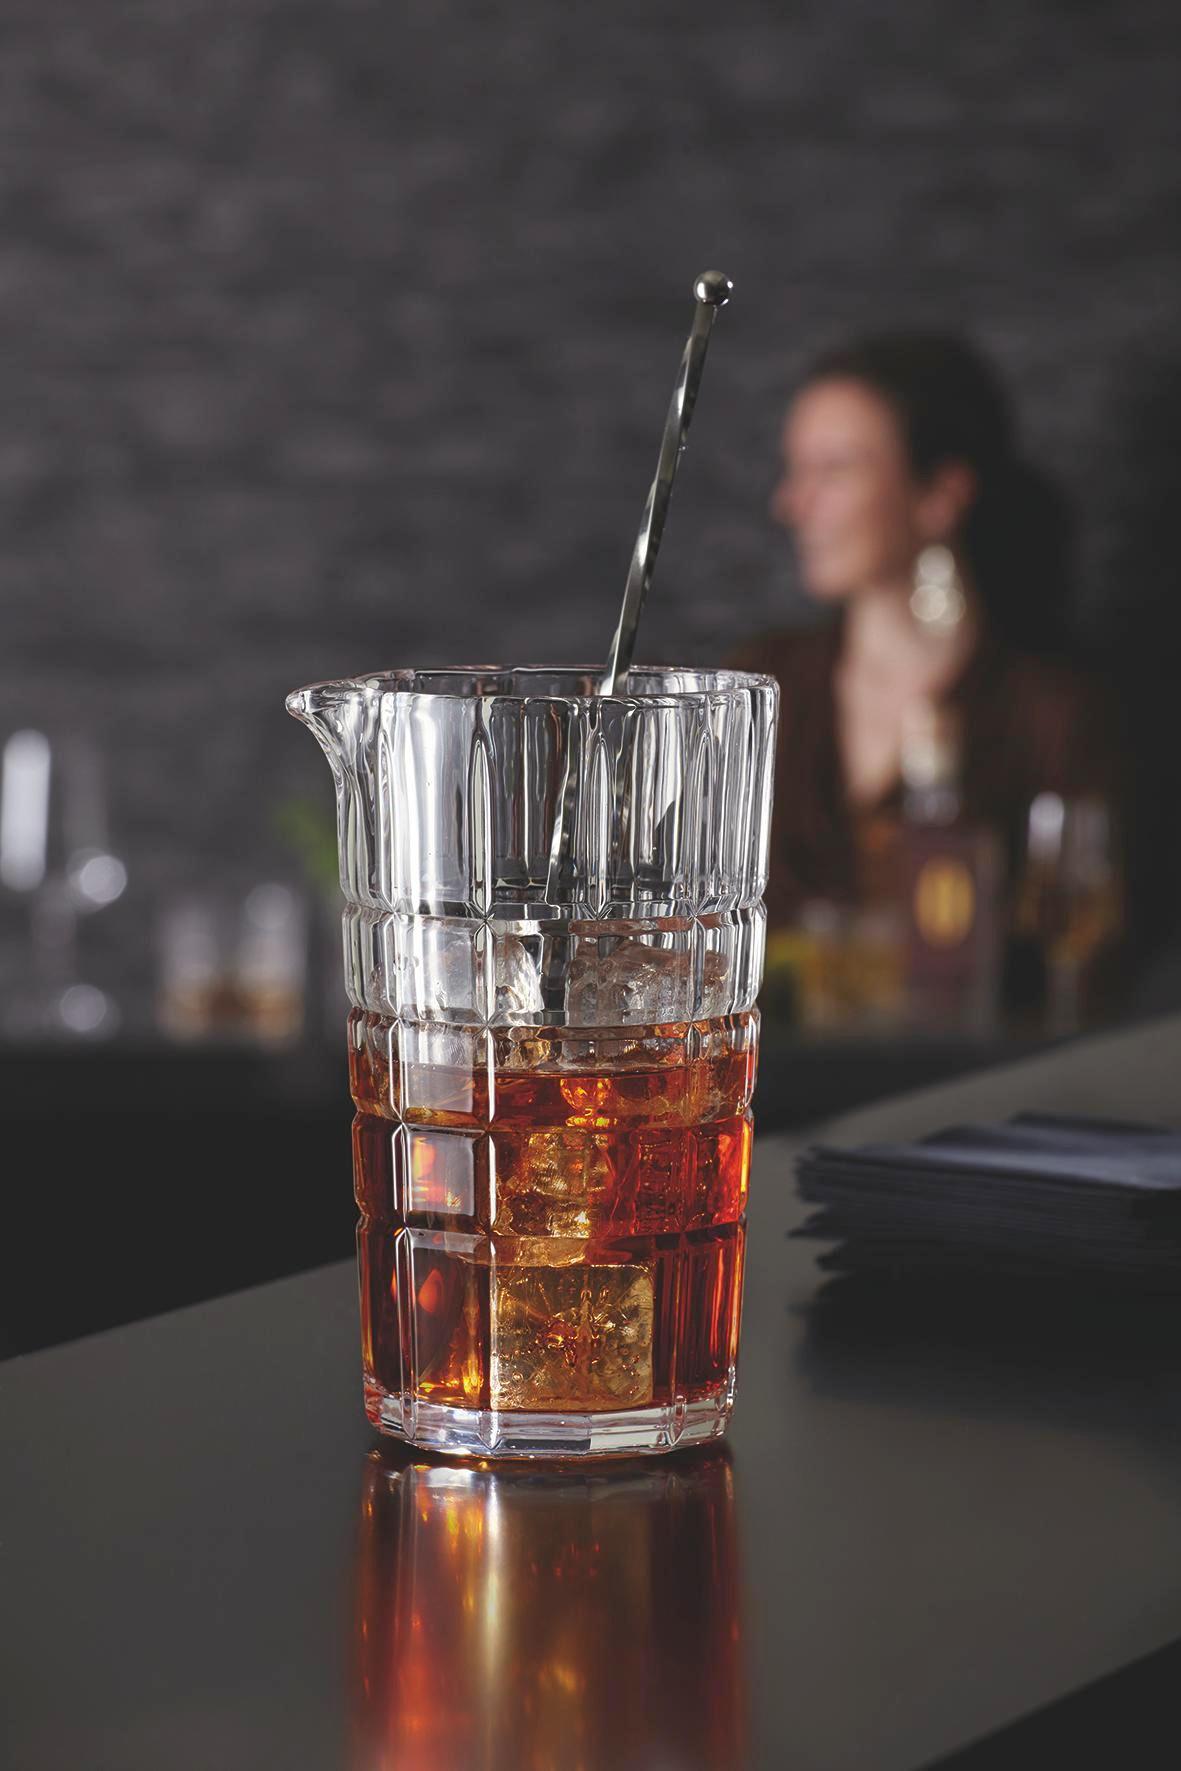 KARAFFE 0,5 l - Edelstahlfarben/Transparent, Basics, Glas/Metall (10,50/16,00/9,10cm) - LEONARDO